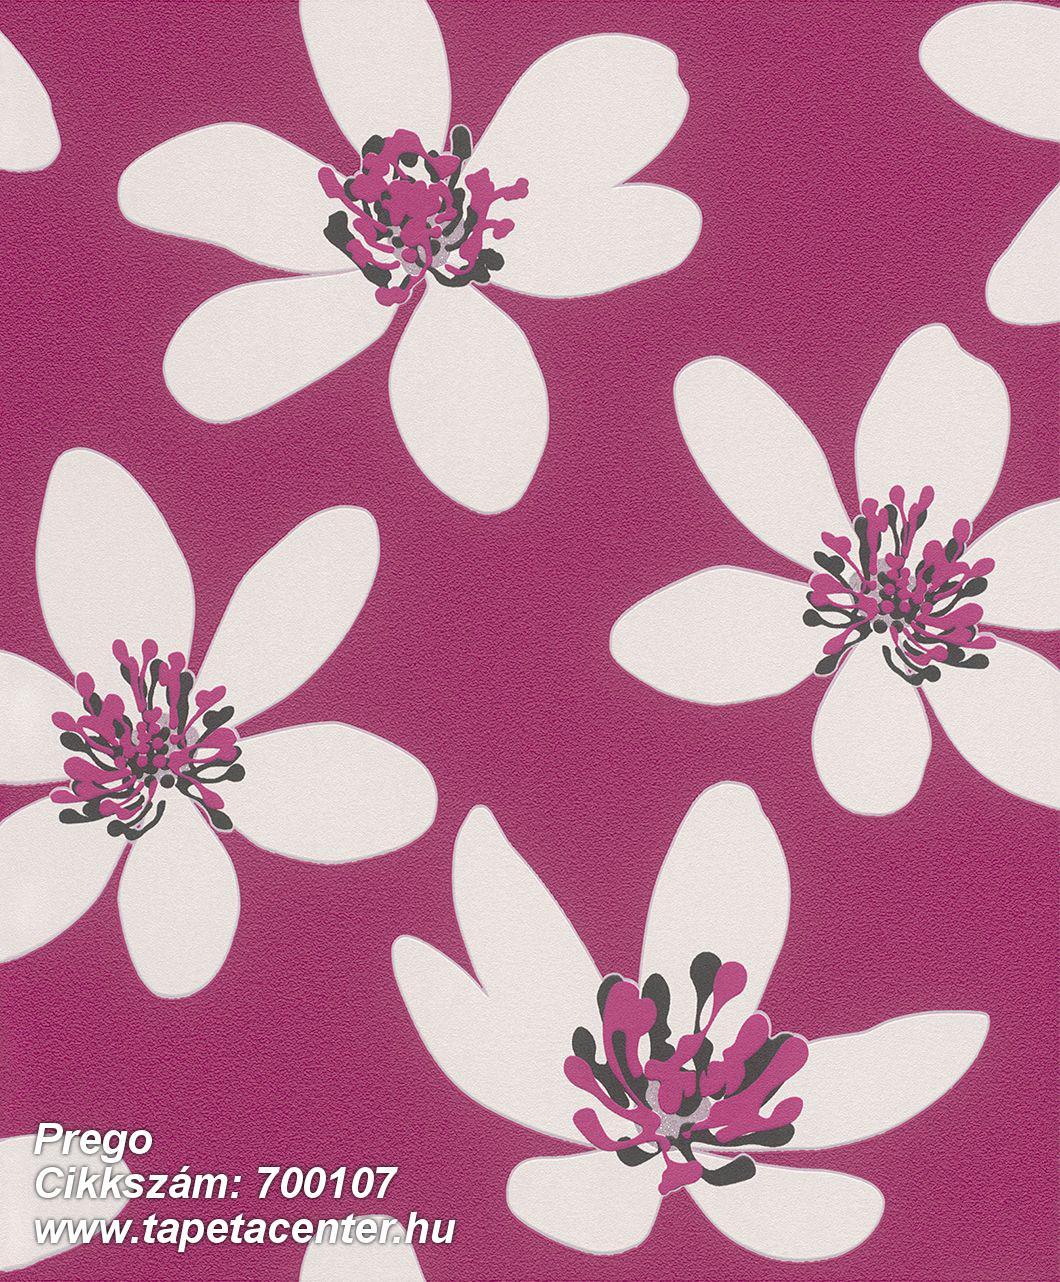 Gyerek,különleges felületű,retro,virágmintás,fehér,fekete,pink-rózsaszín,szürke,lemosható,vlies tapéta